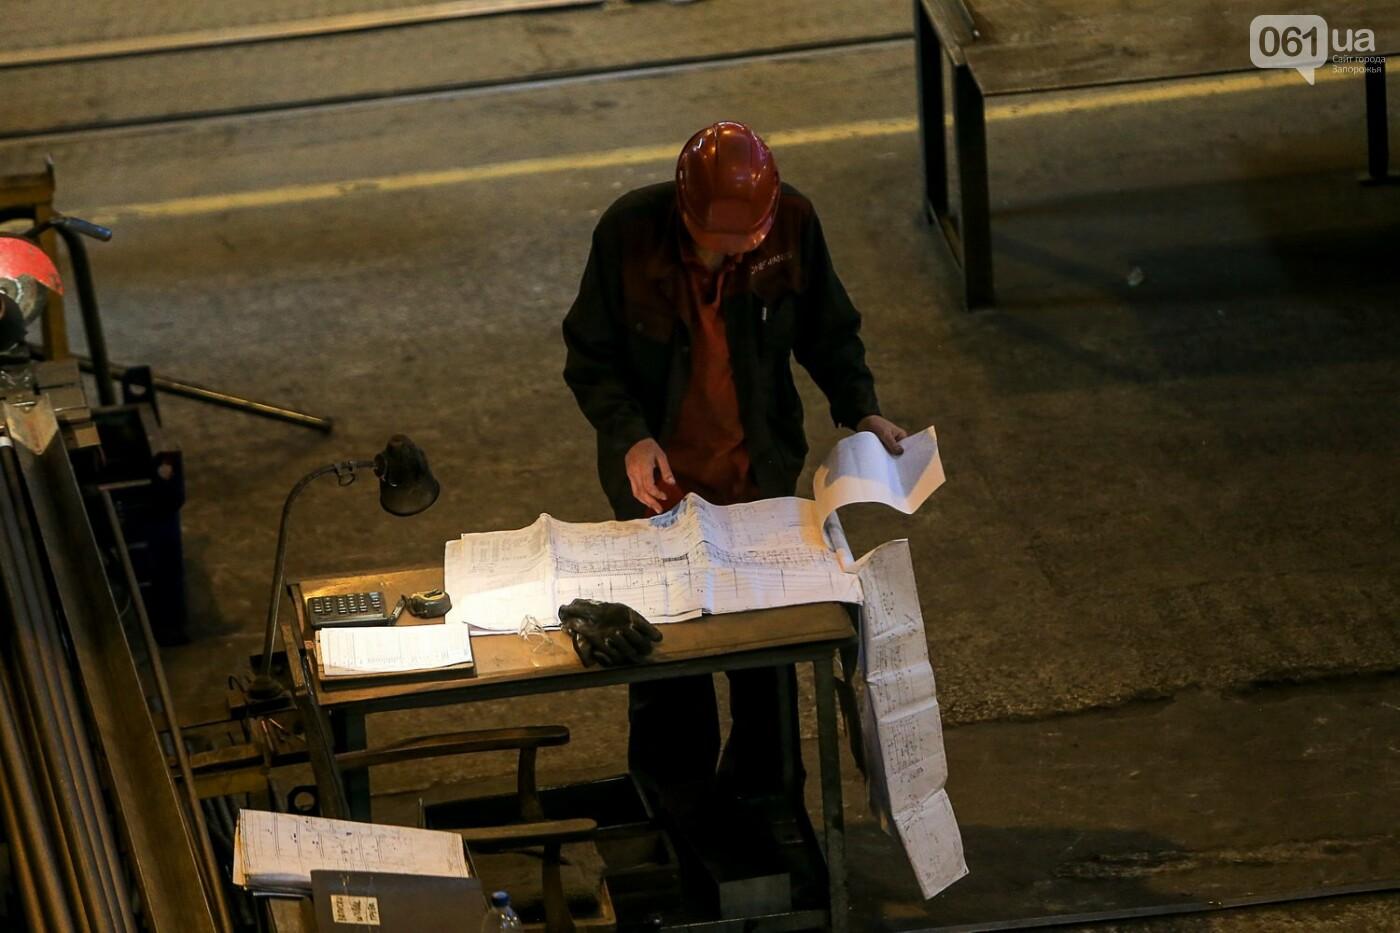 Как в Запорожье работает крупнейший в Европе завод по производству кранов: экскурсия на производство, — ФОТОРЕПОРТАЖ, фото-25